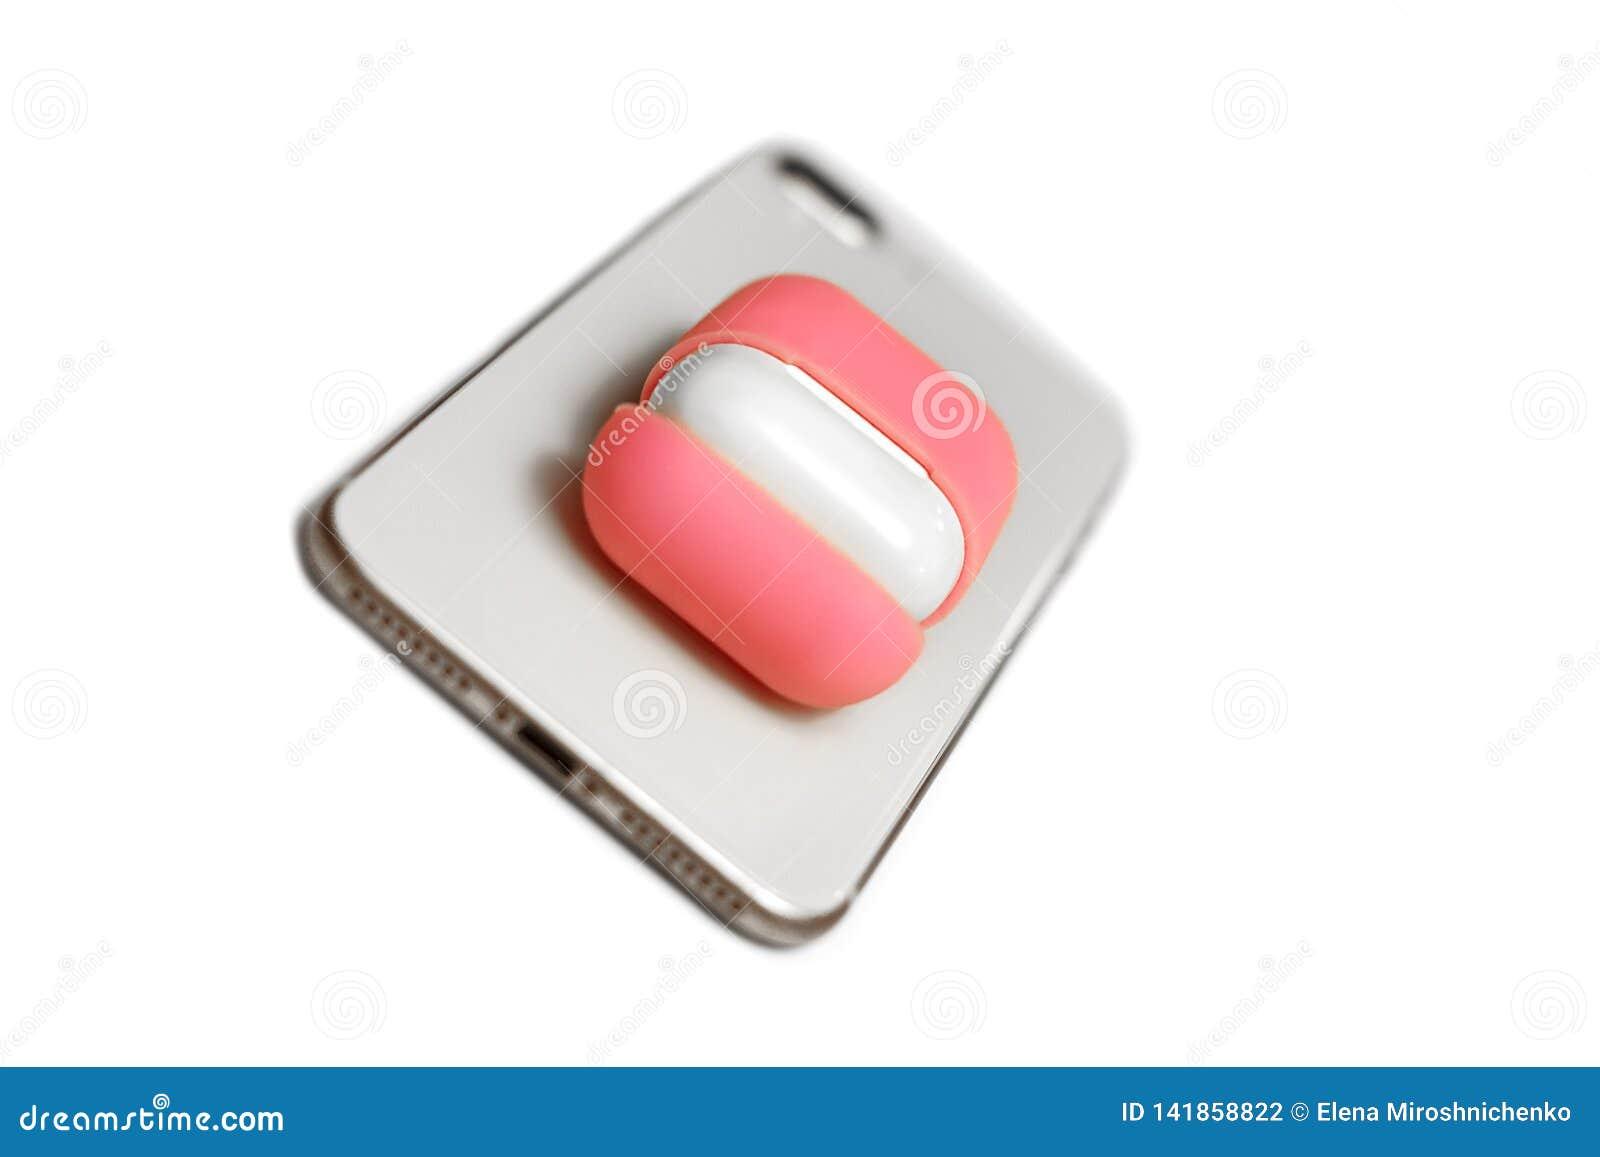 Małe białe słuchawki z ładowarki pudełkiem w jaskrawym menchii pokrywy pudełku, telefon komórkowy, wybierająca ostrość, dinamic w